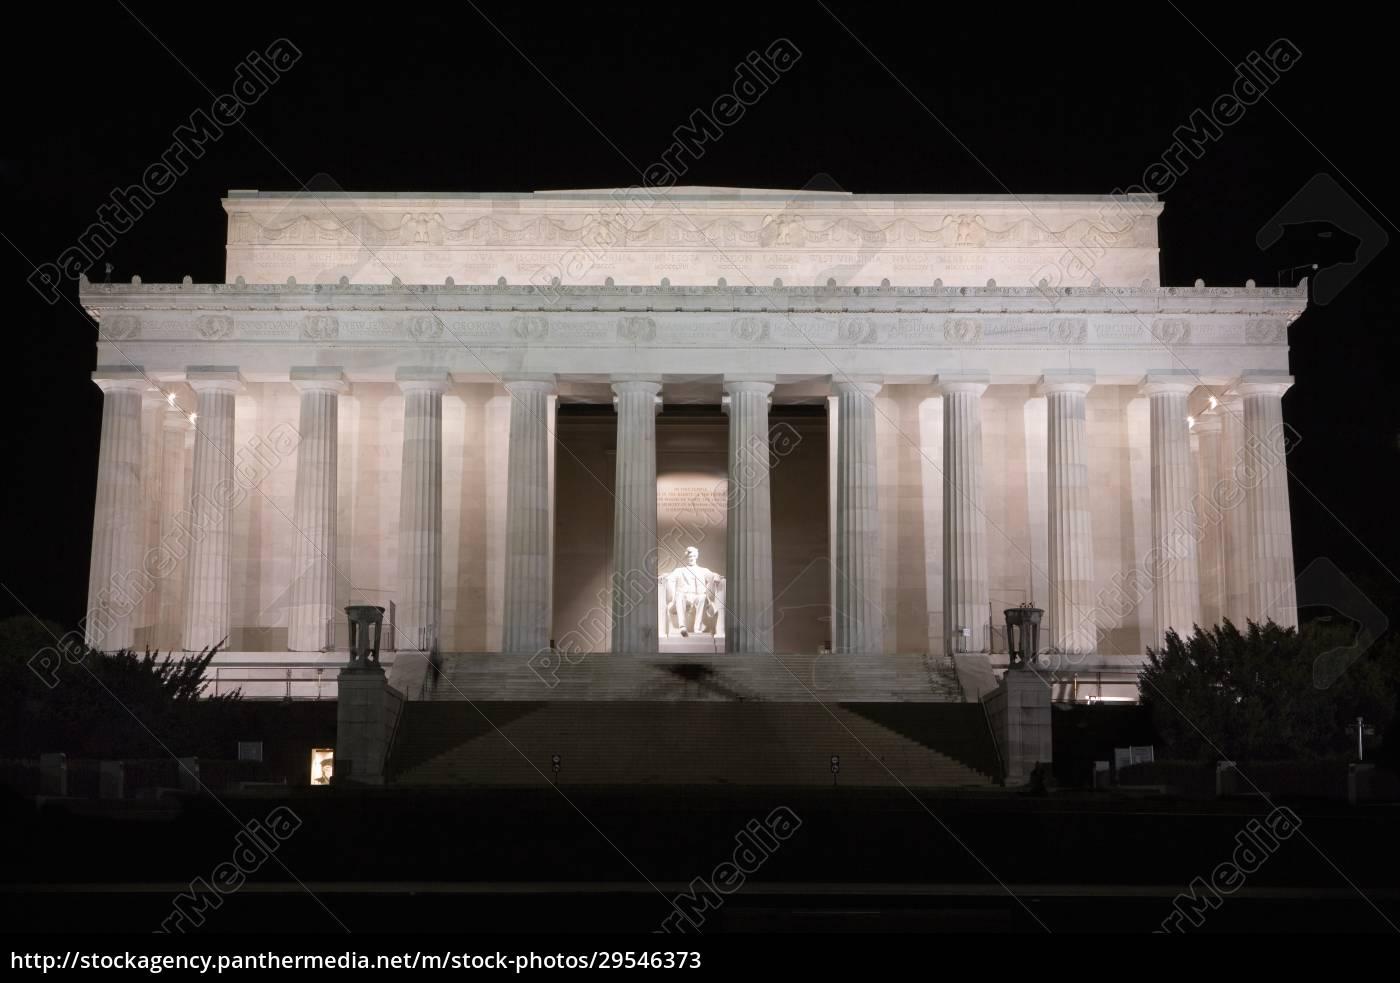 facade, of, a, memorial, building, , lincoln - 29546373